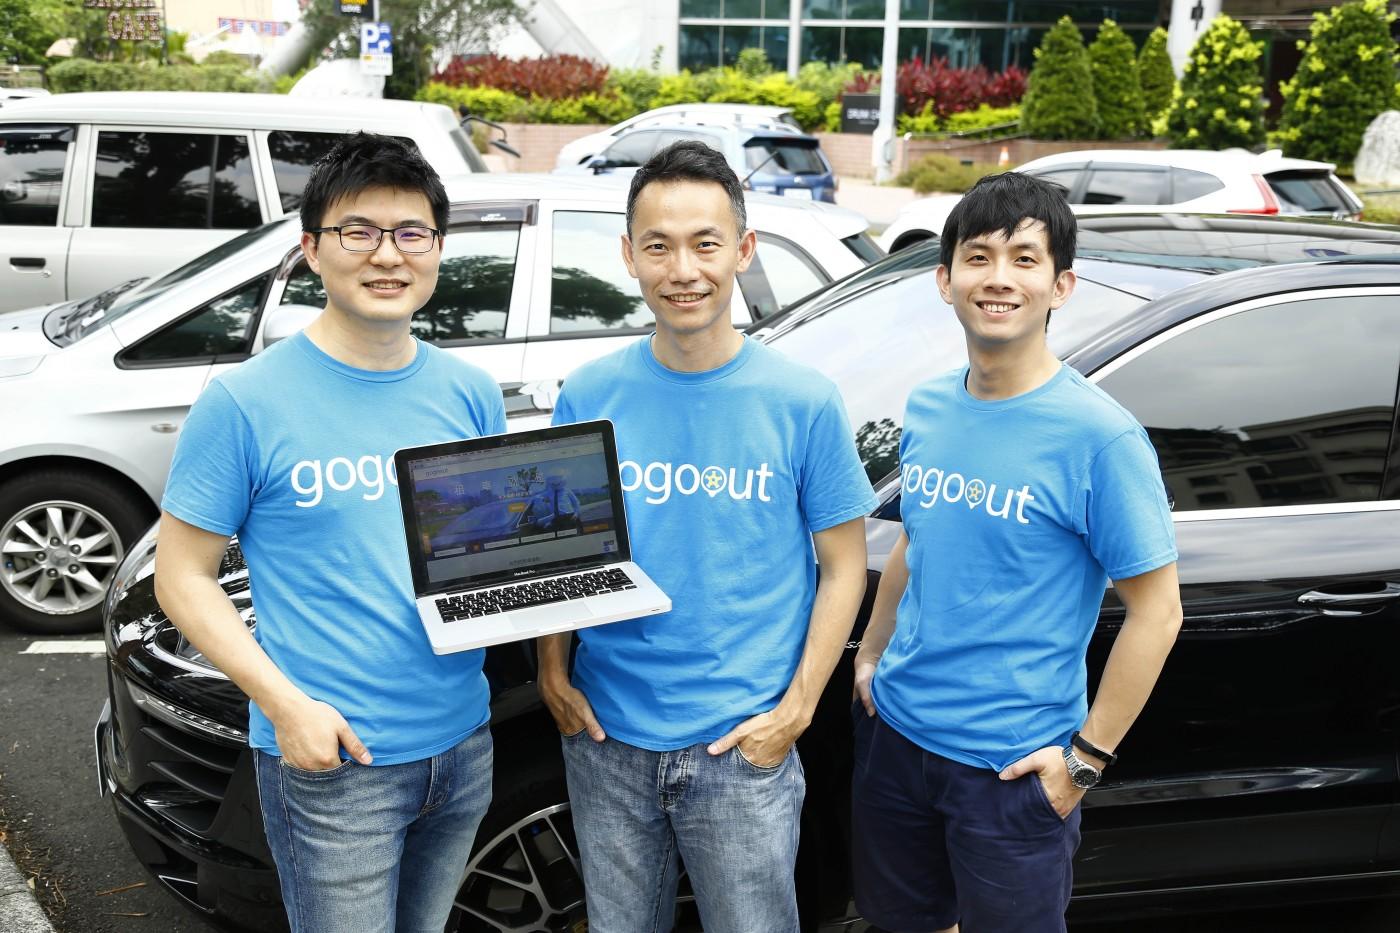 瞄準自由行旅客!台灣租車新創gogoout進軍馬來西亞觀光戰區